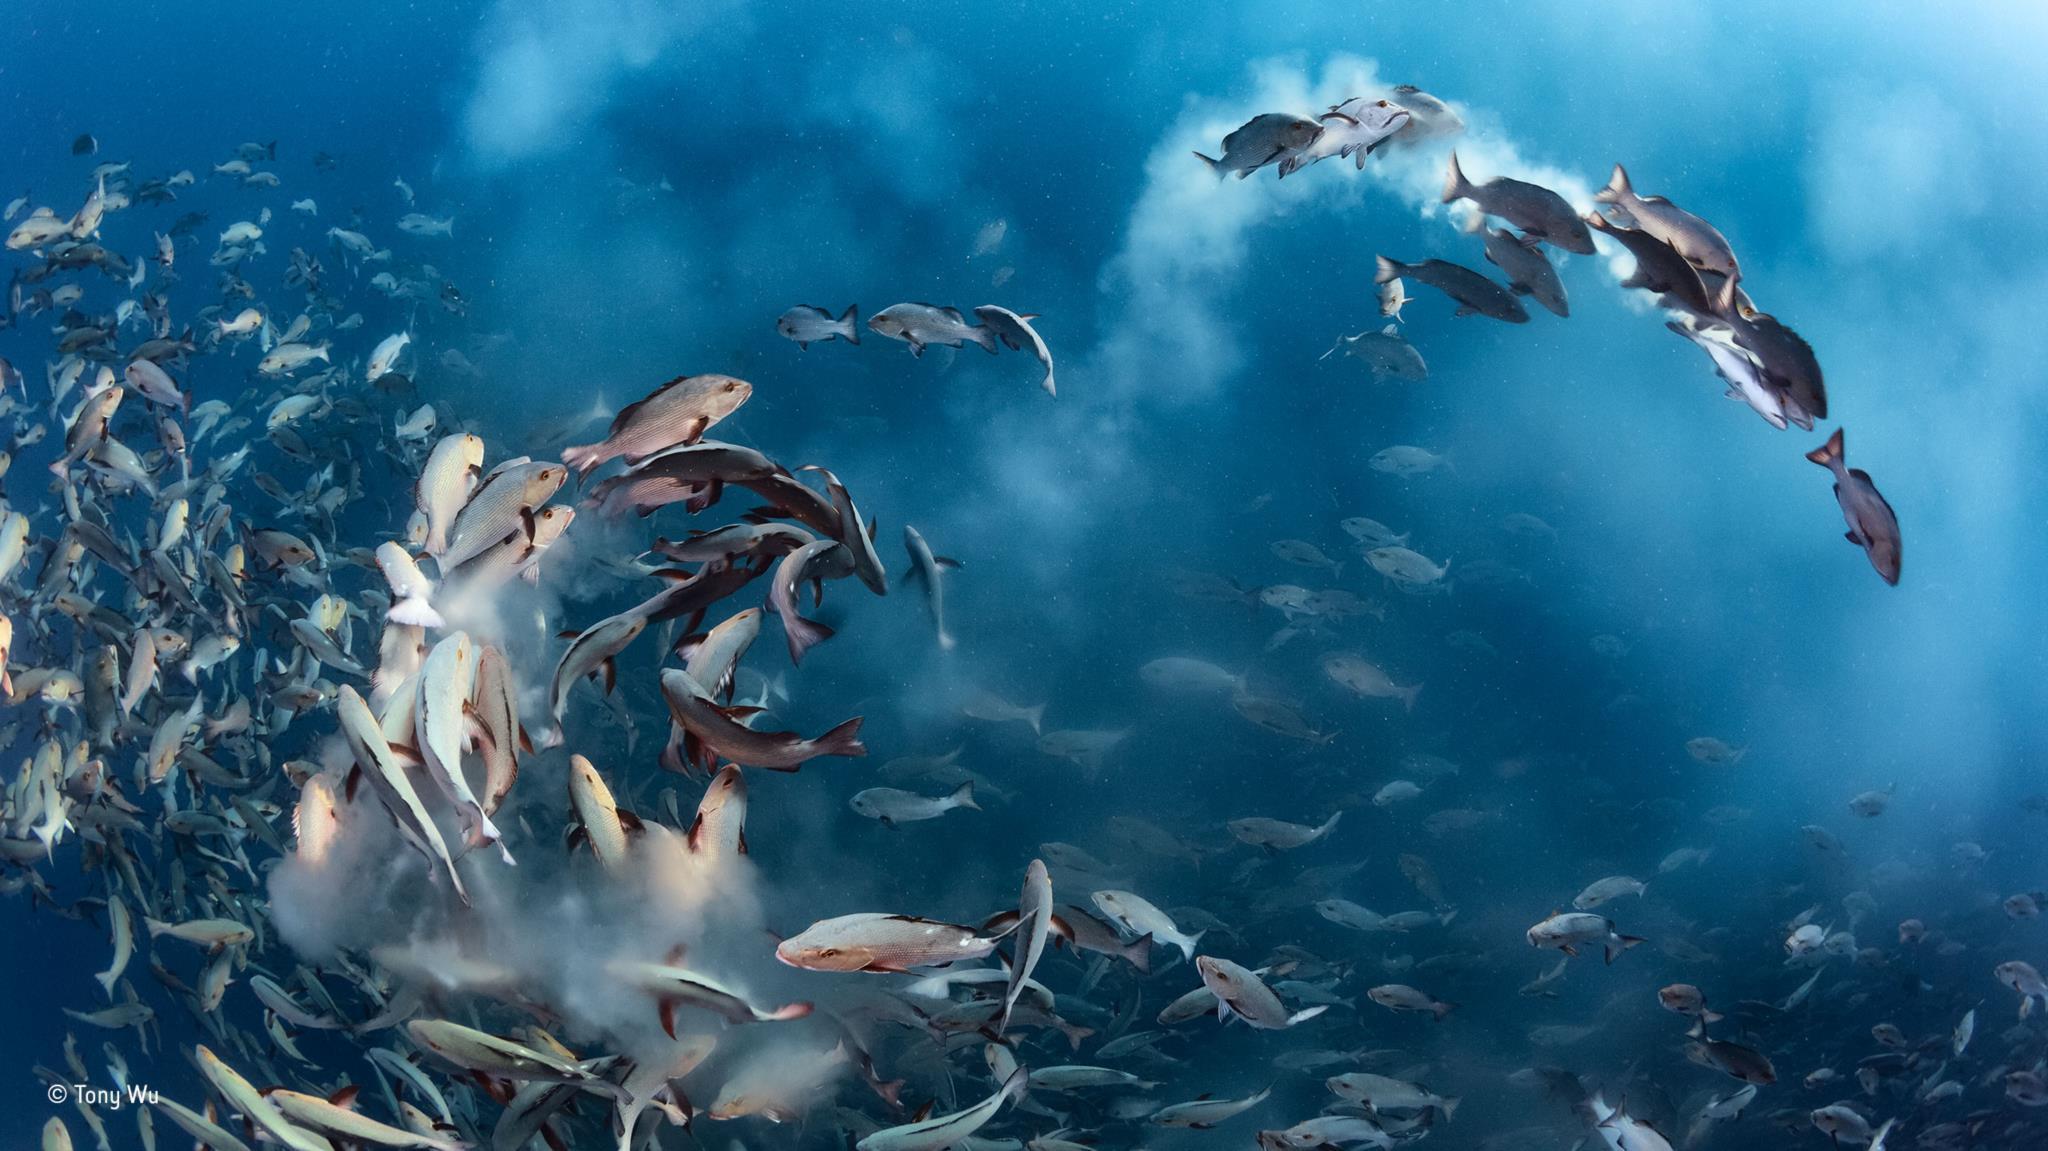 Cardume de caranhas desova perto de Palau, Oceano Pacífico (Vencedor Fotografia Submarina)